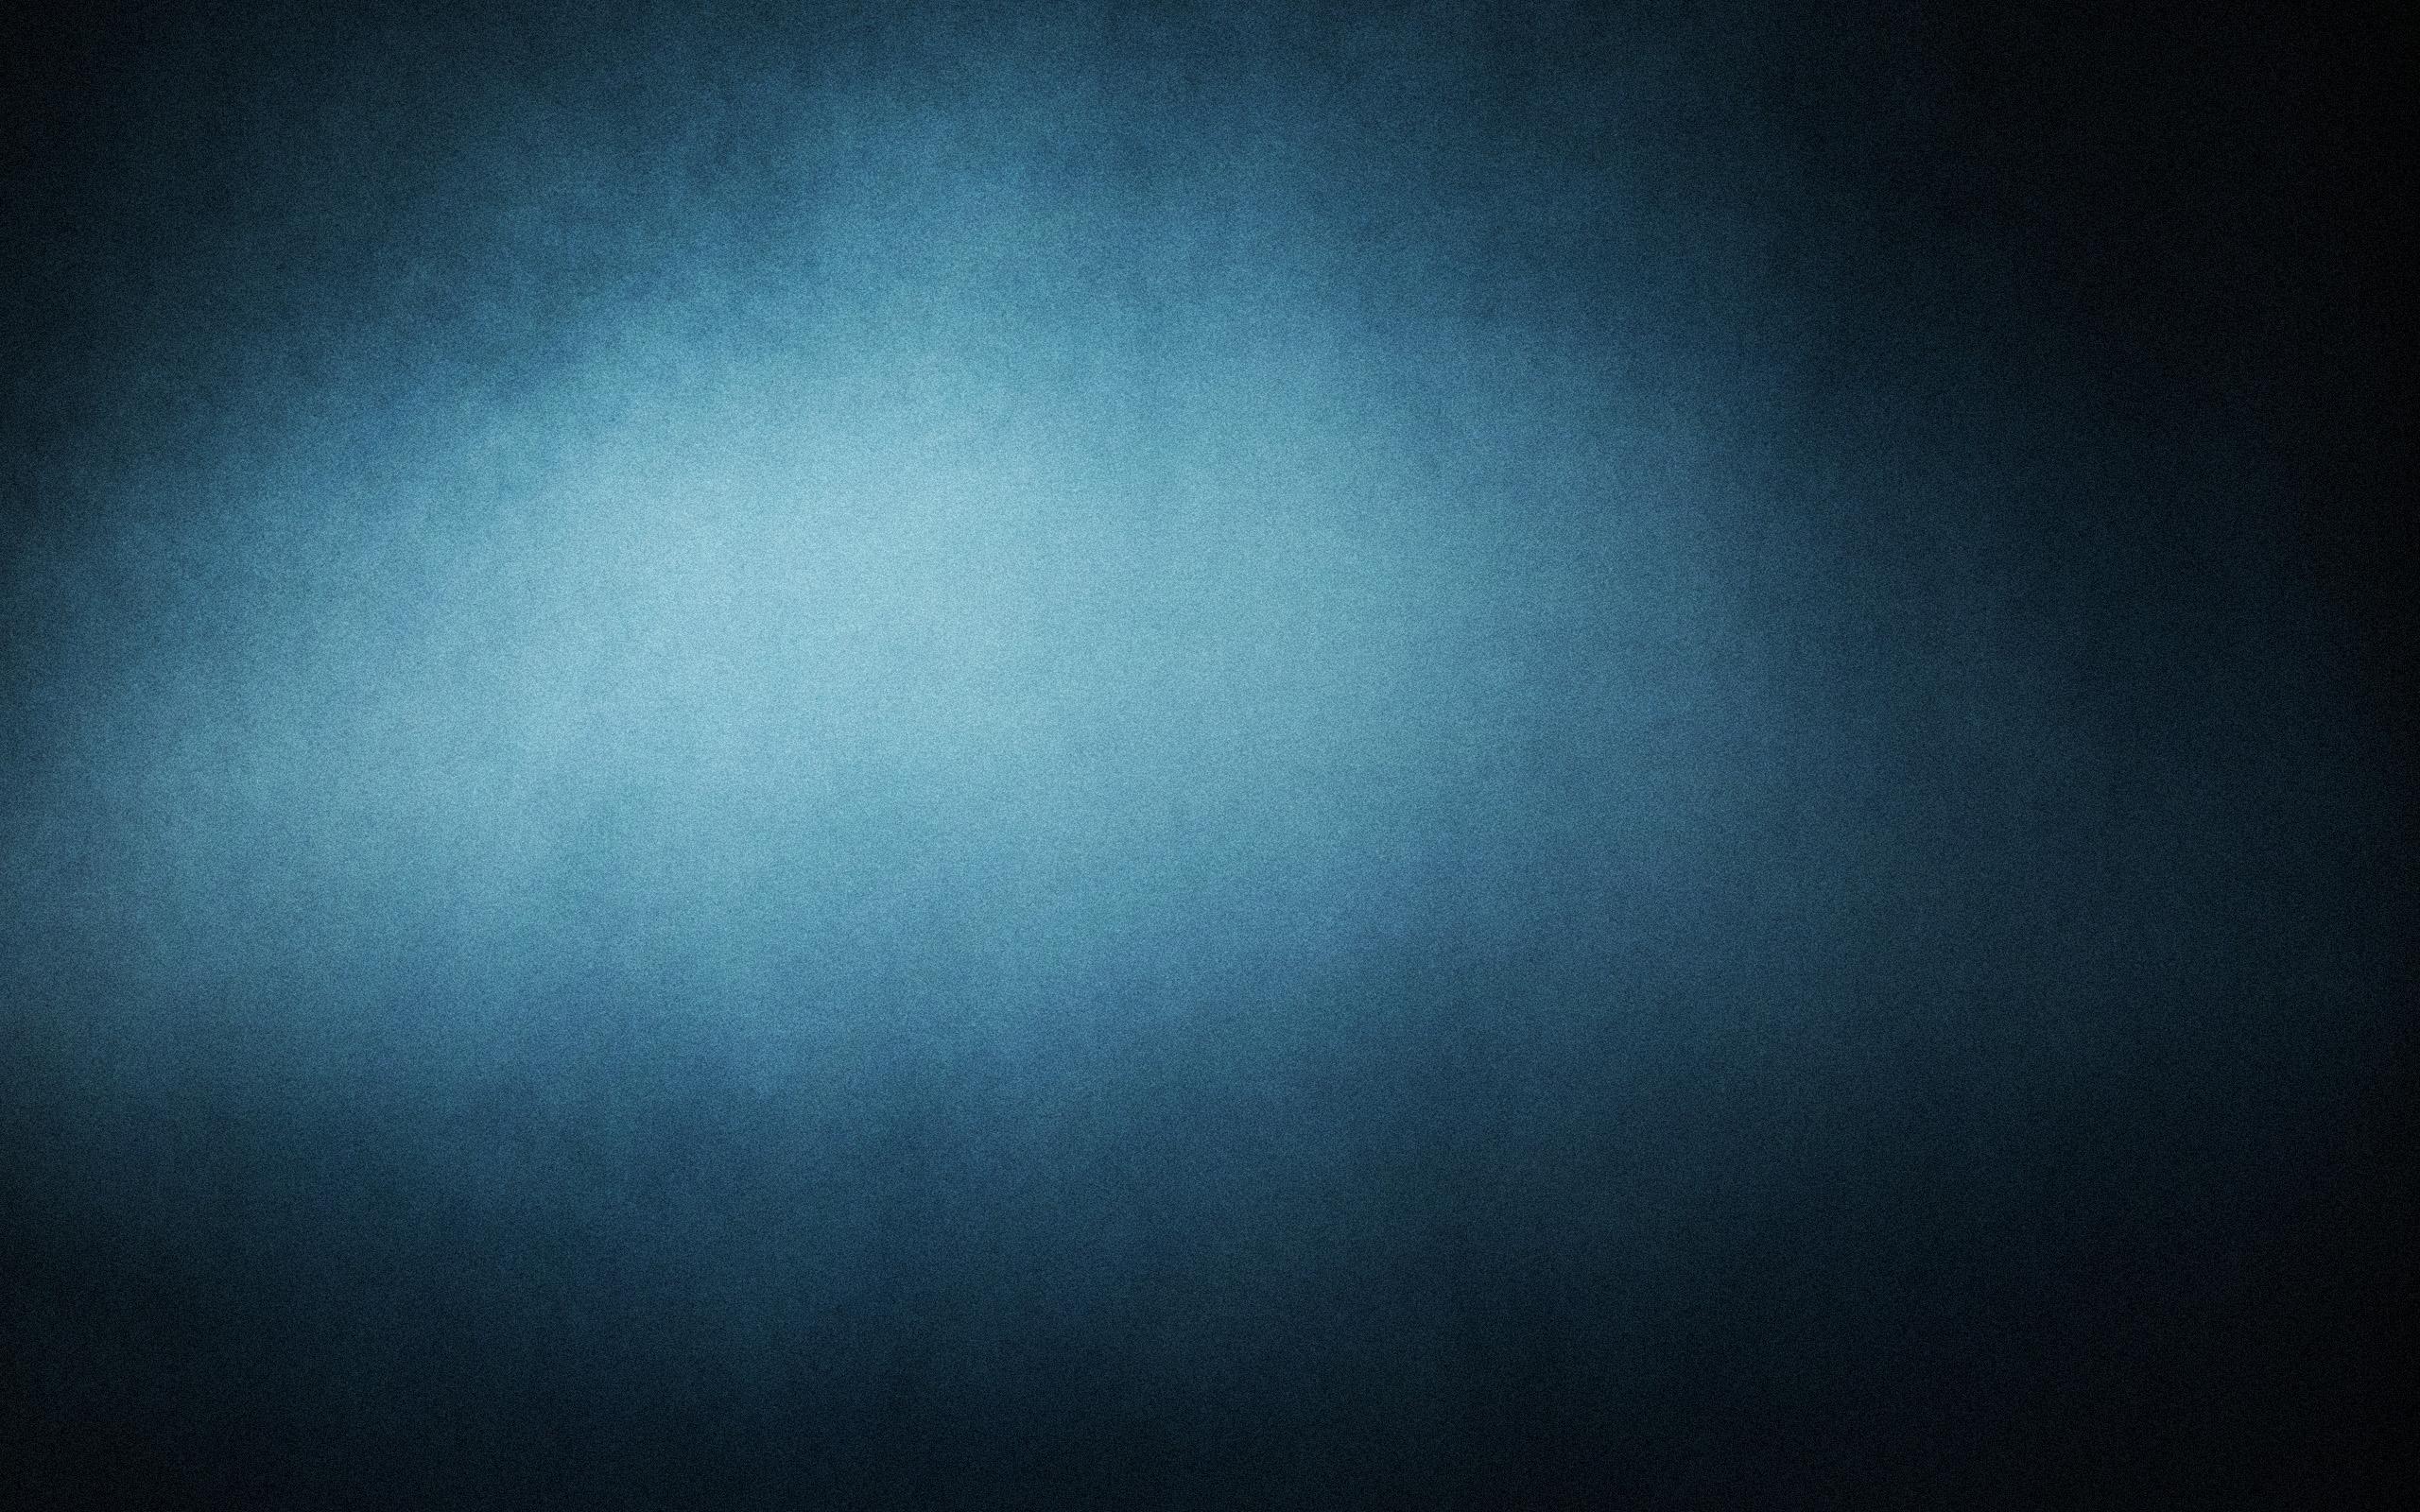 fundo azul escuro Vetor   ForWallpapercom 2560x1600